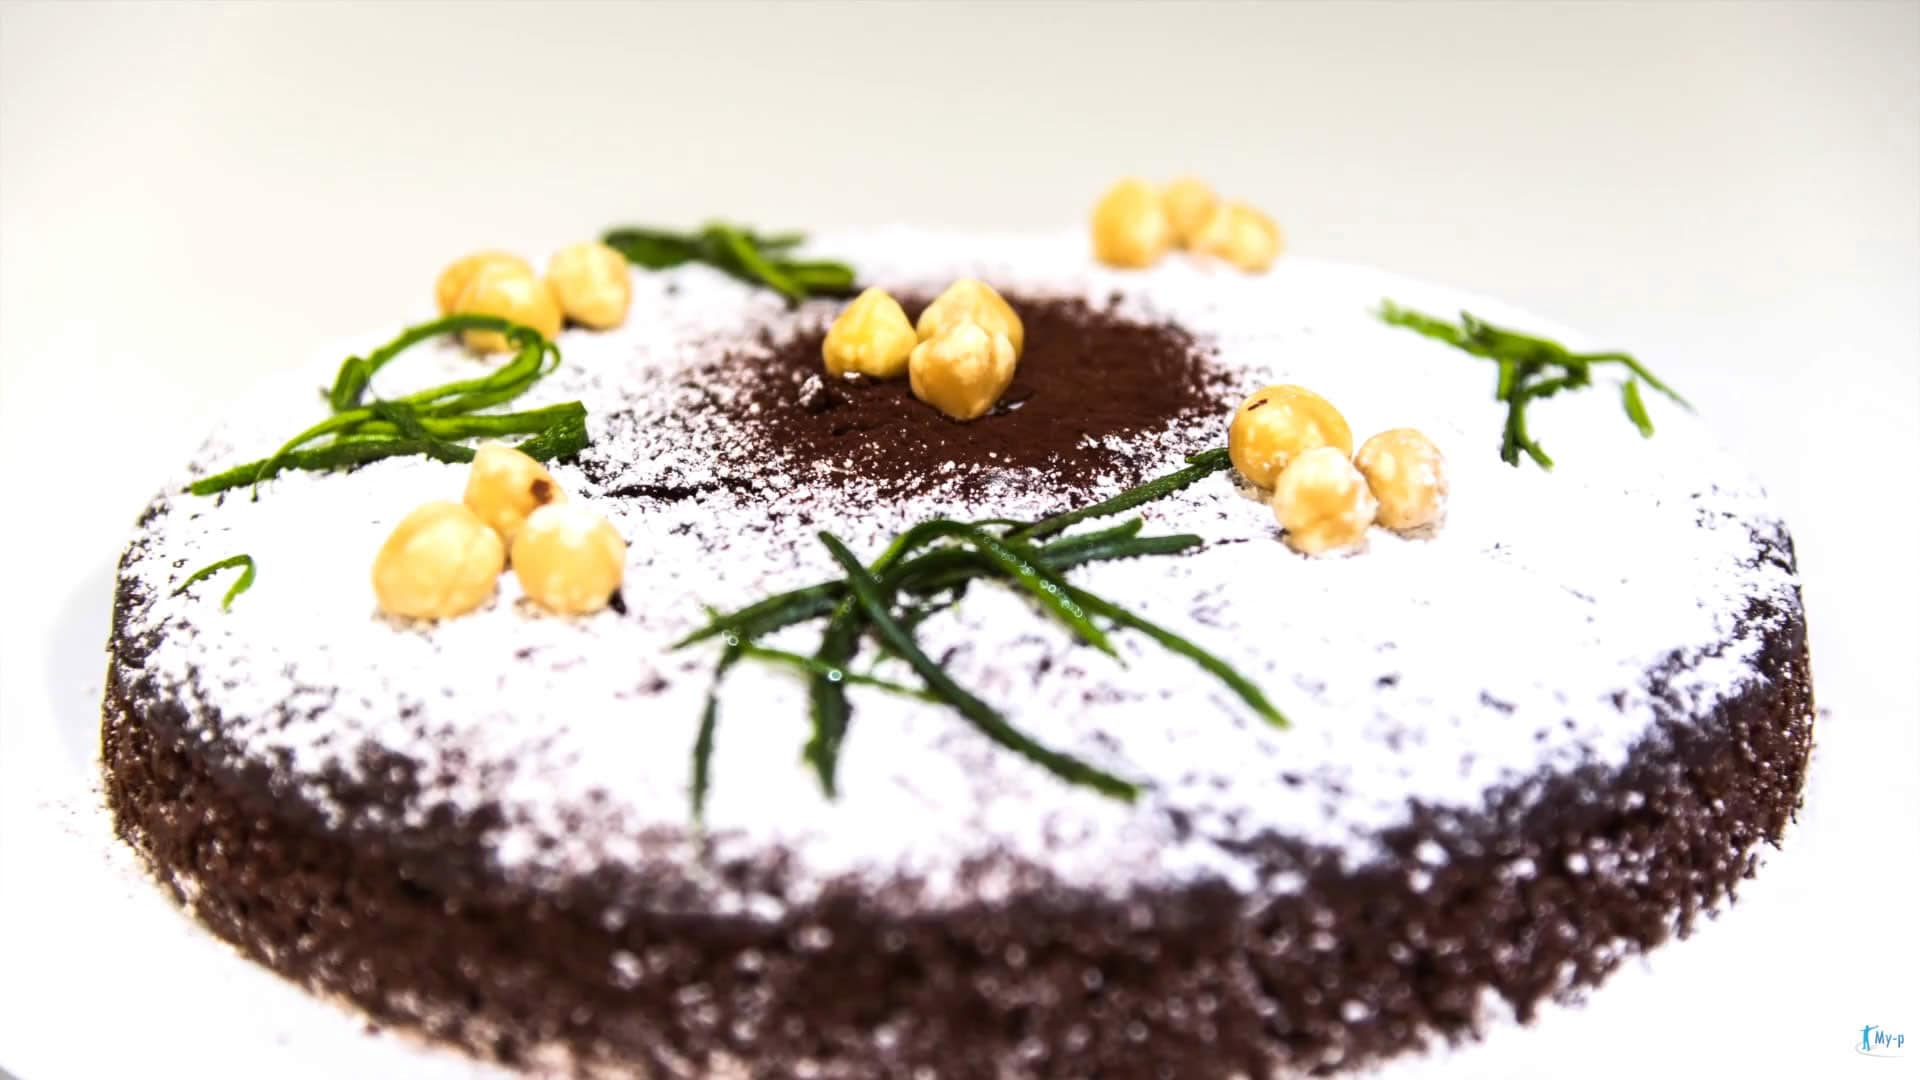 Foto Torta con zucchine, cacao e nocciole - torta vegana senza colesterolo